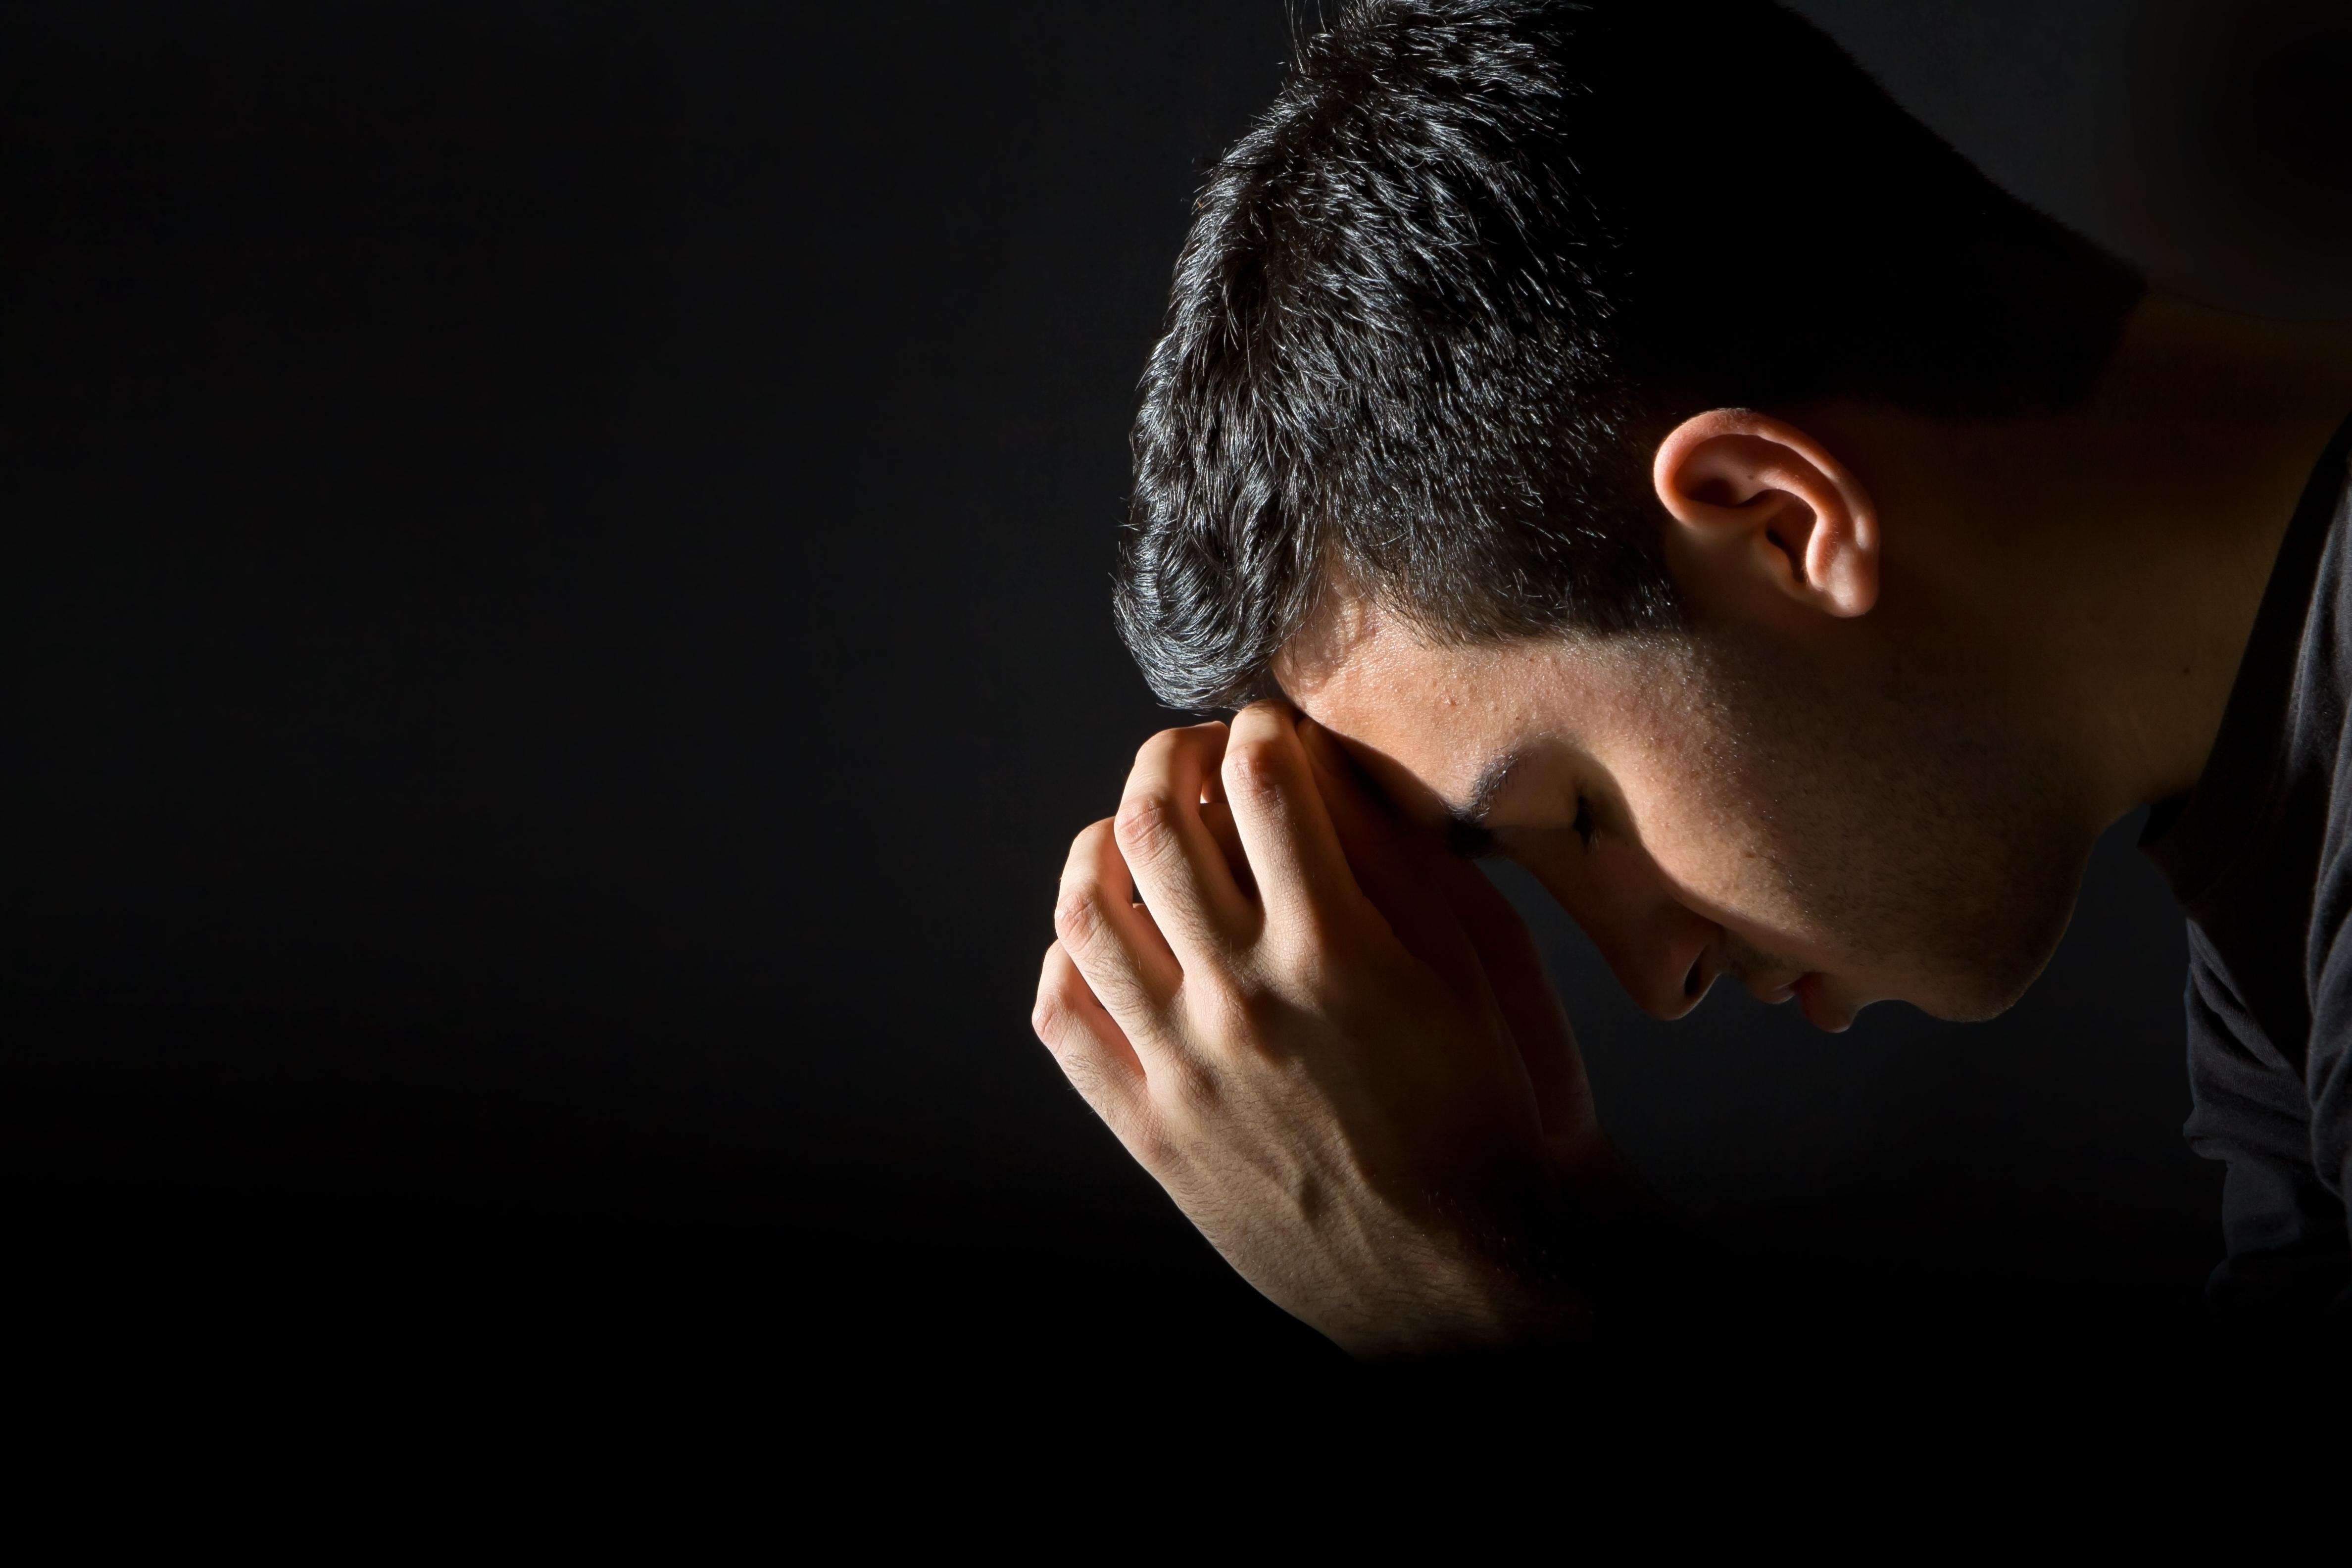 Пойти и исповедовать грех чтобы получить освобождение